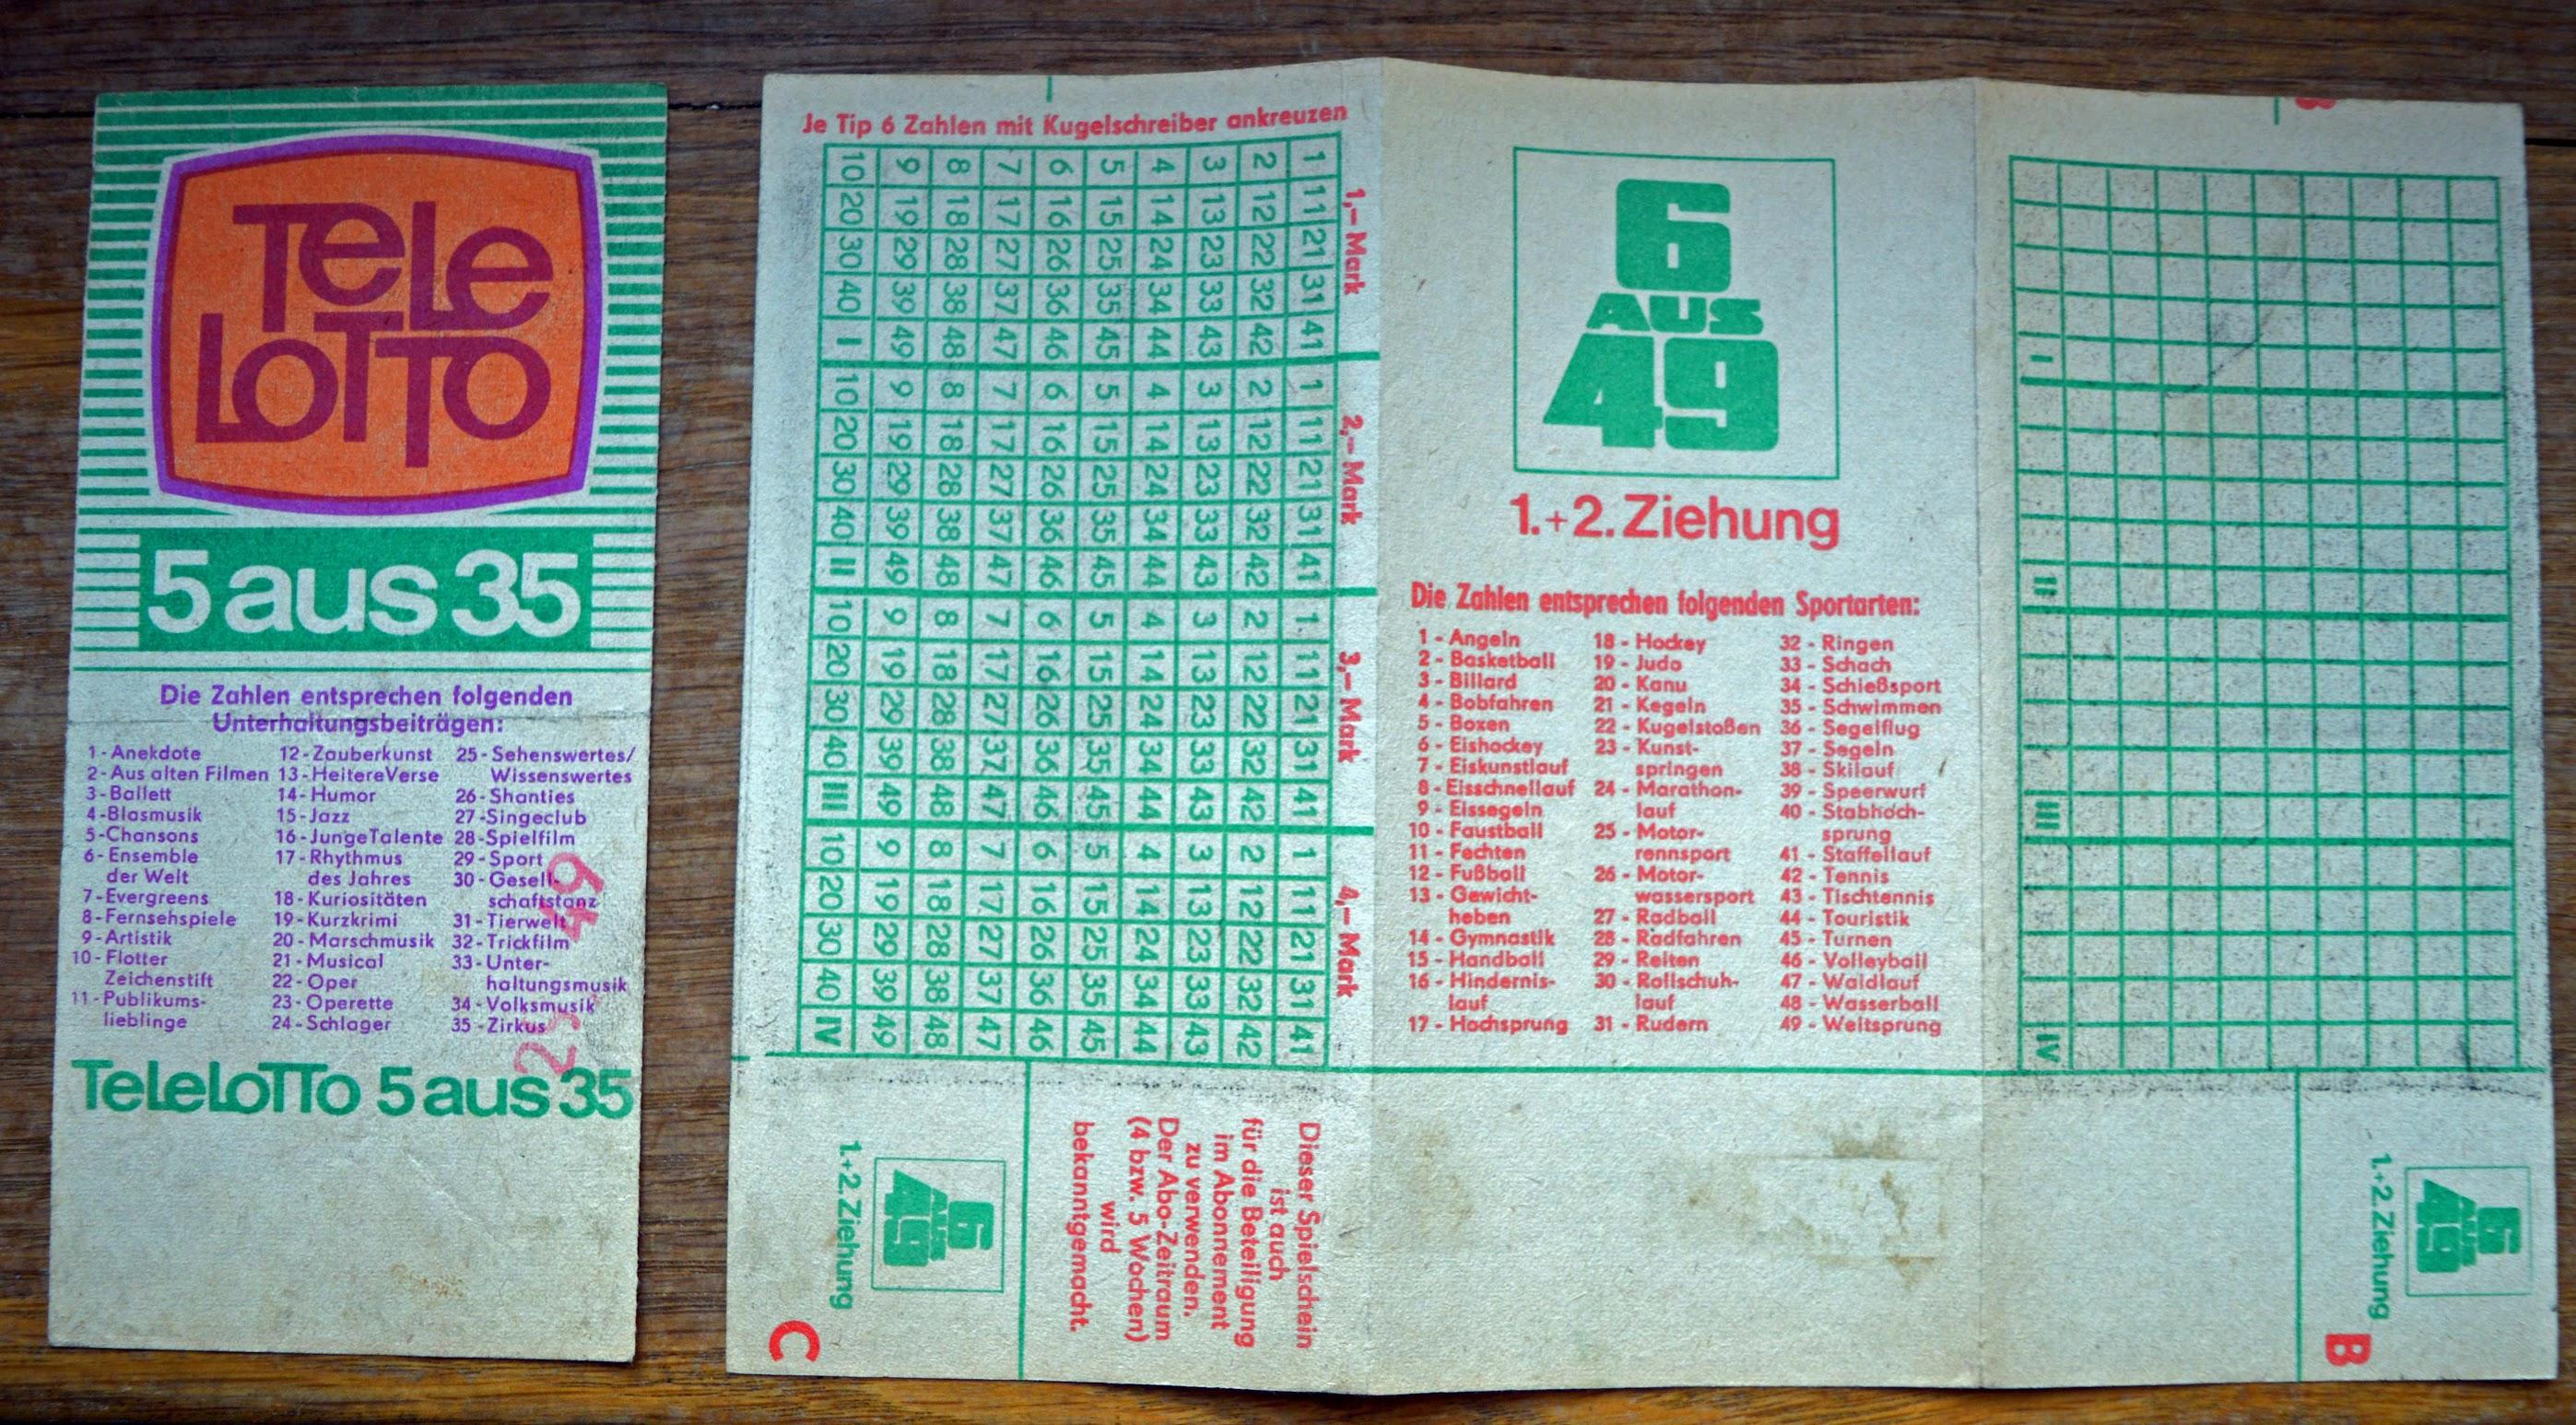 DDR - Lottoscheine Tele Lotto 5 aus 35 und 6 aus 49